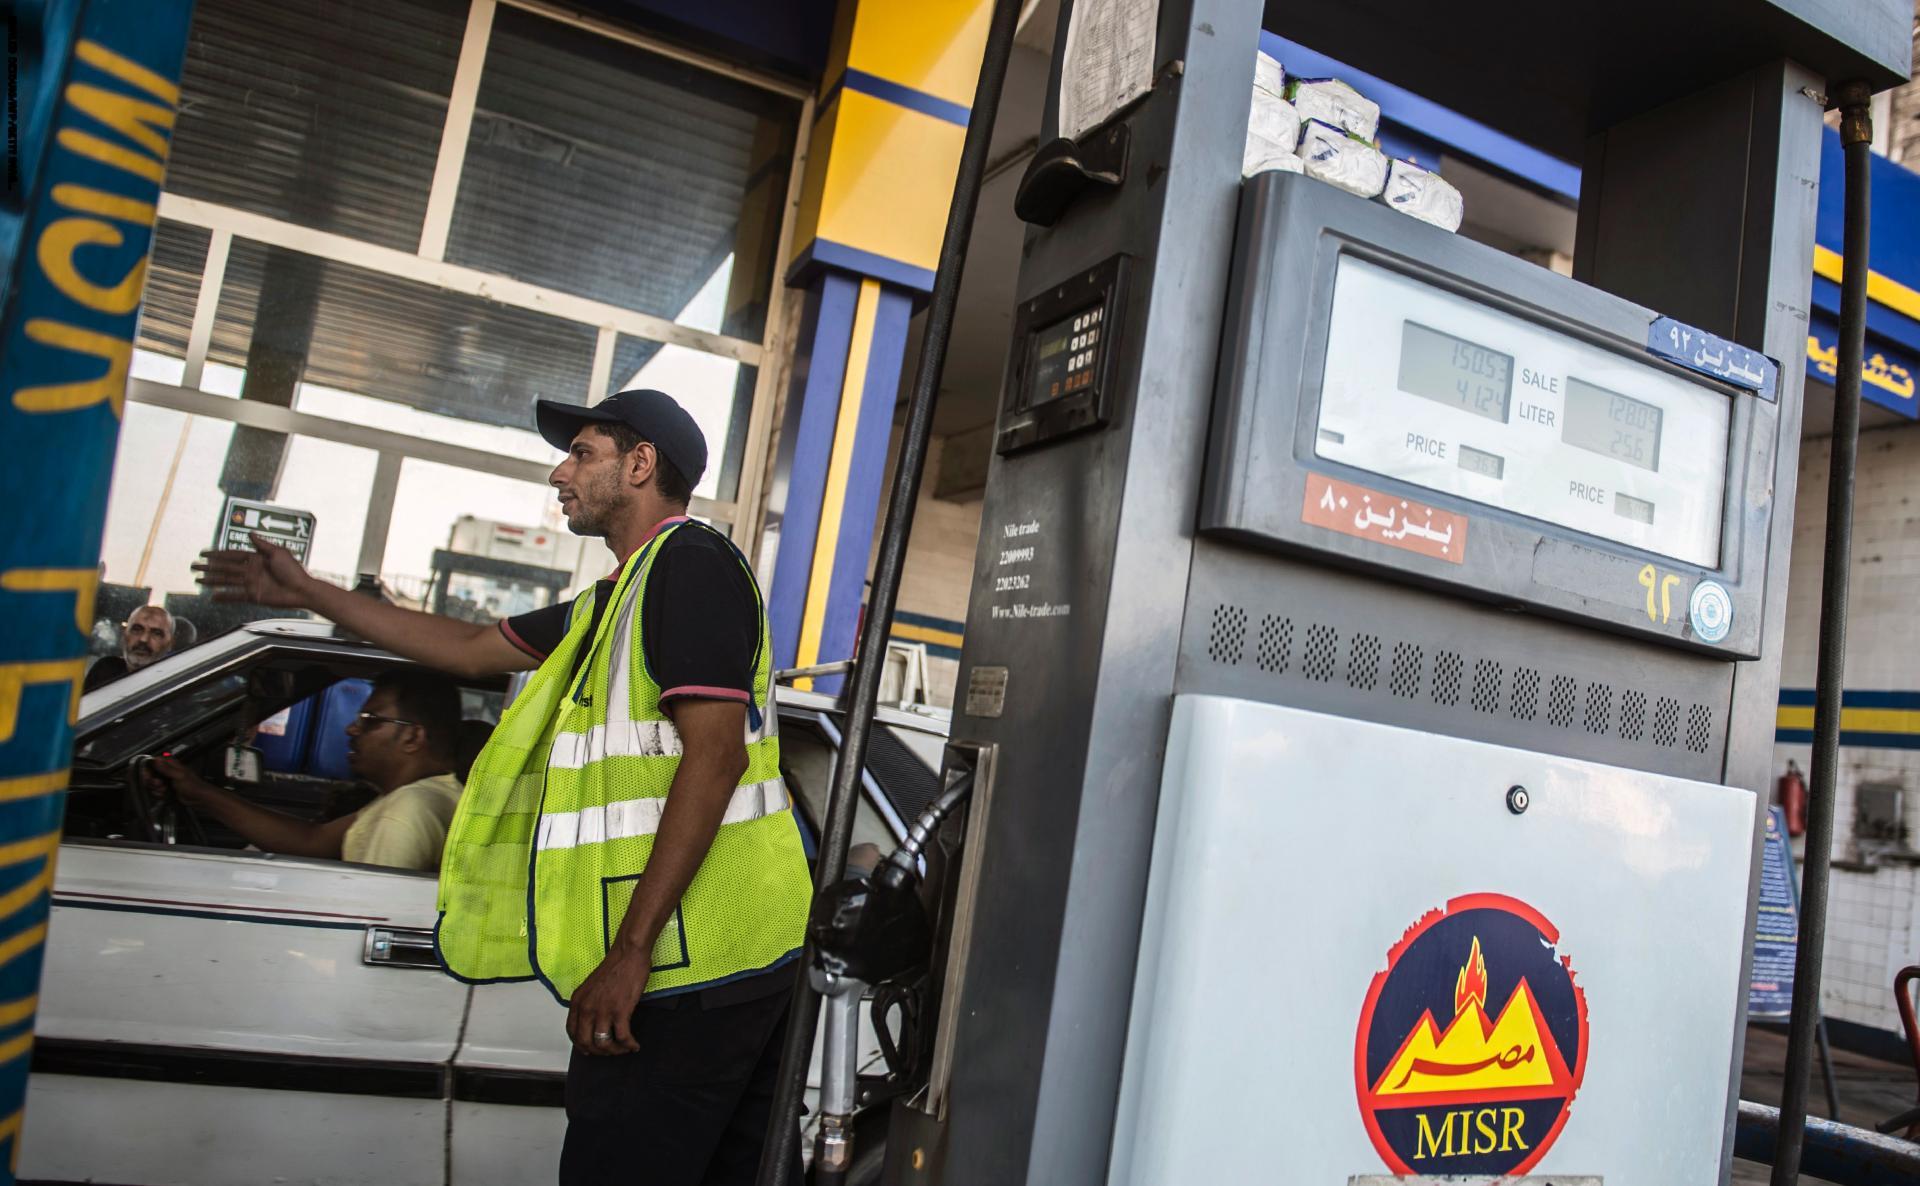 ترقب لإعلان أسعار البنزين الجديدة في مصر أبريل 2021 وتوقعات الأسعار الجديدة بعد ارتفاع أسعار النفط عالمياً 3